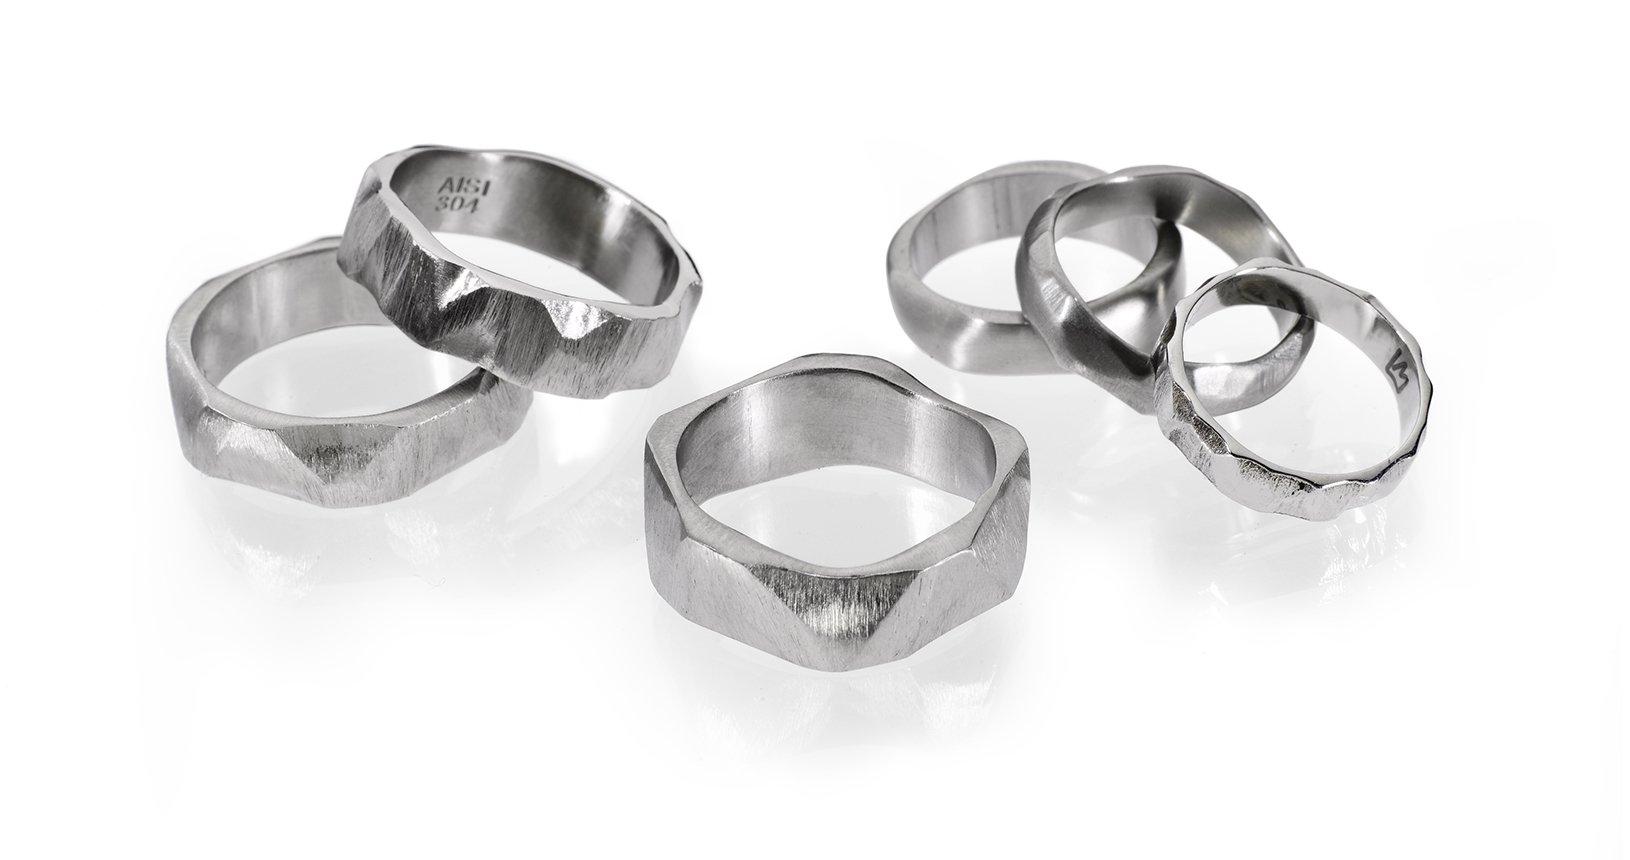 STONE-Anelli-in-titanio-e-acciaio